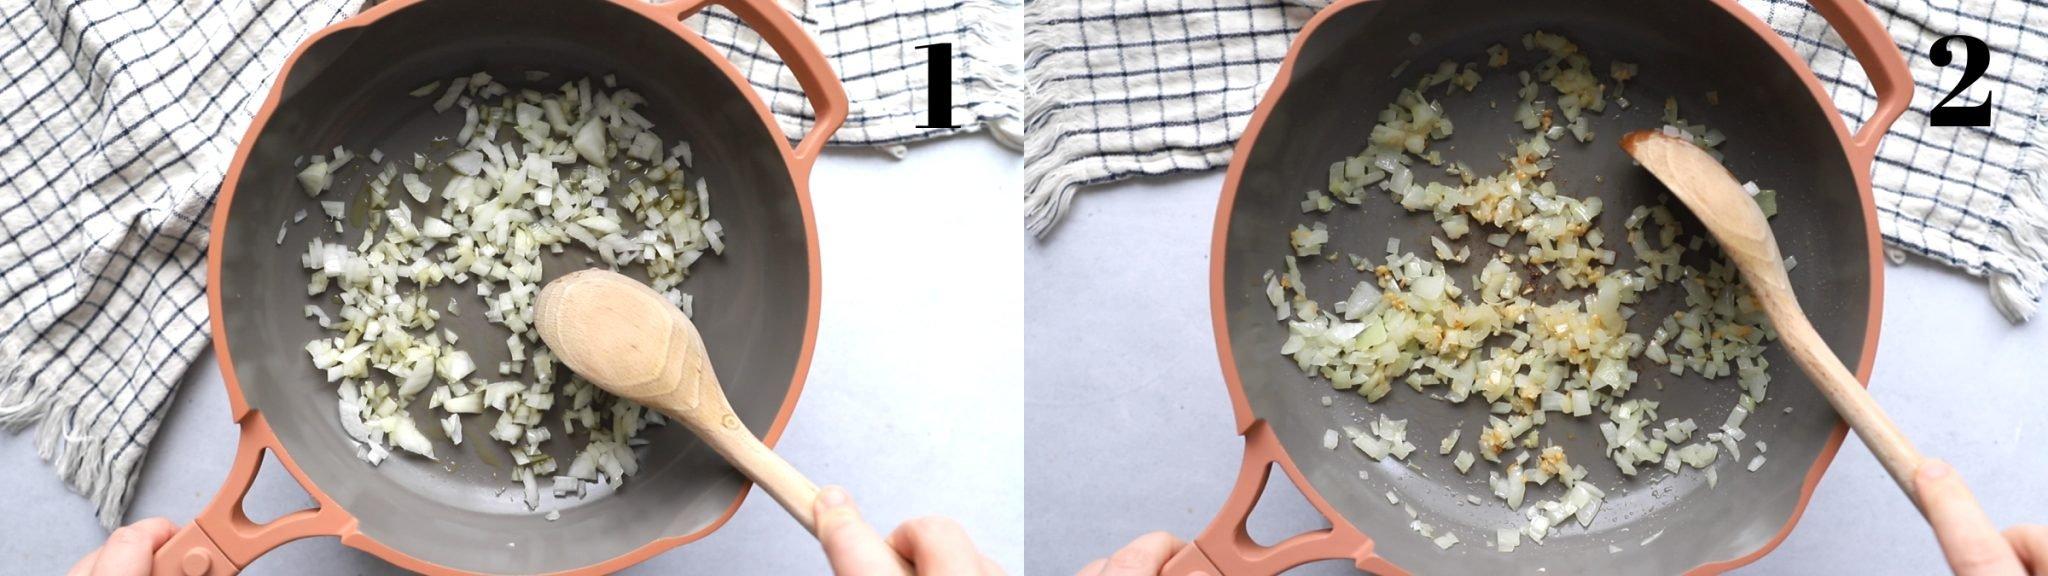 imagem de colagem.  imagem à esquerda: frigideira rosa com cebola e uma colher de pau nela.  Imagem certa: a mesma frigideira com alho adicionado à cebola